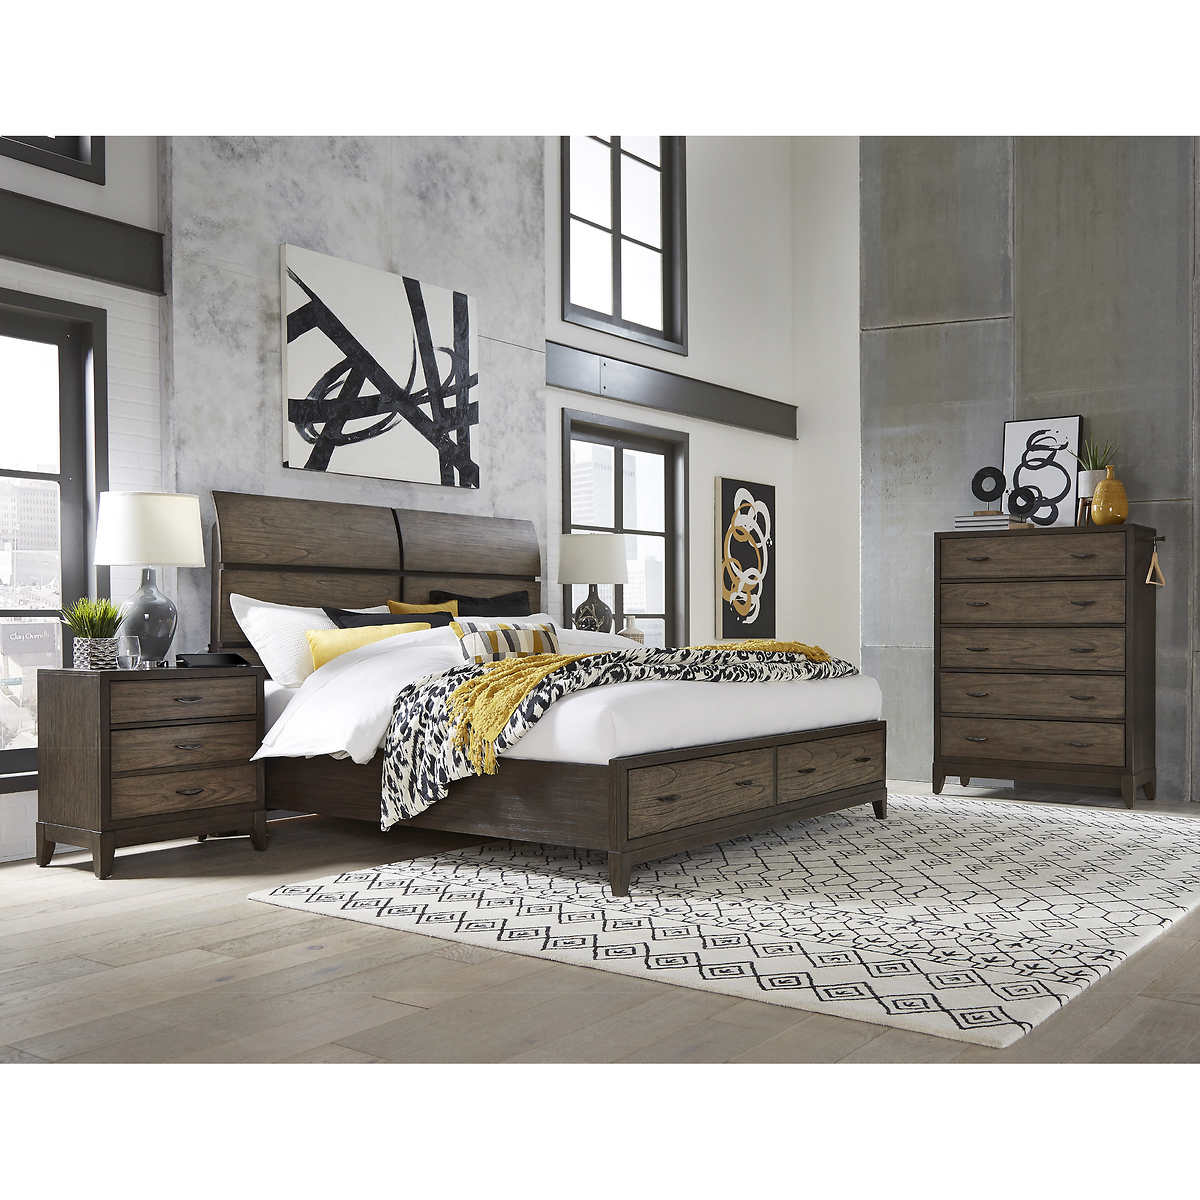 Arabella 4 Piece Queen Storage Bedroom Set